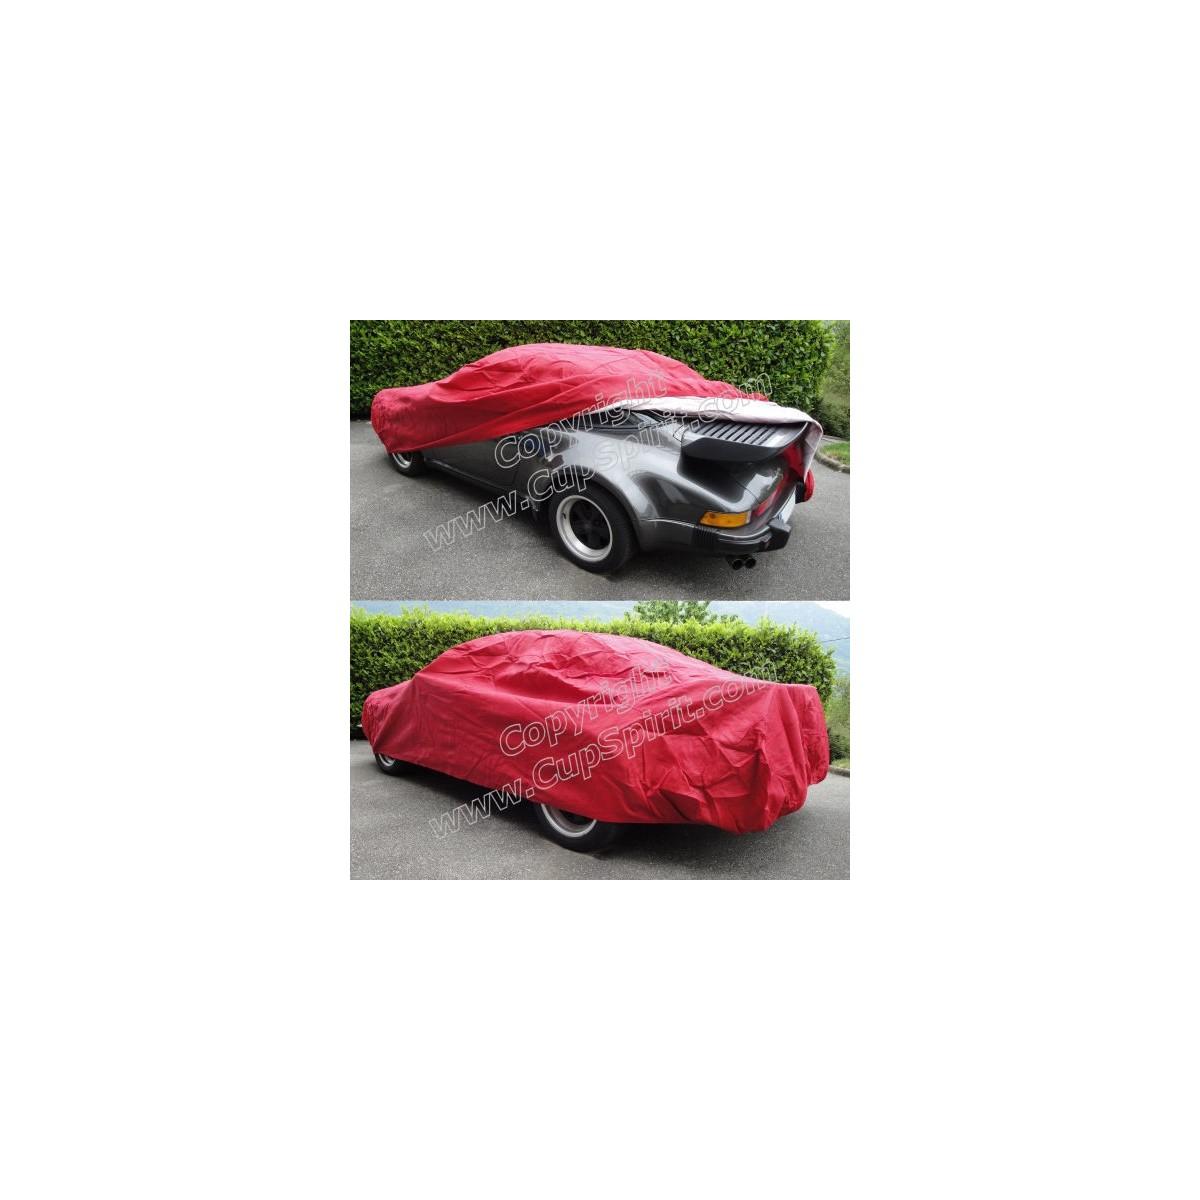 Housse int rieure rouge porsche 911 964 993 996 924 944 for Housse porsche 911